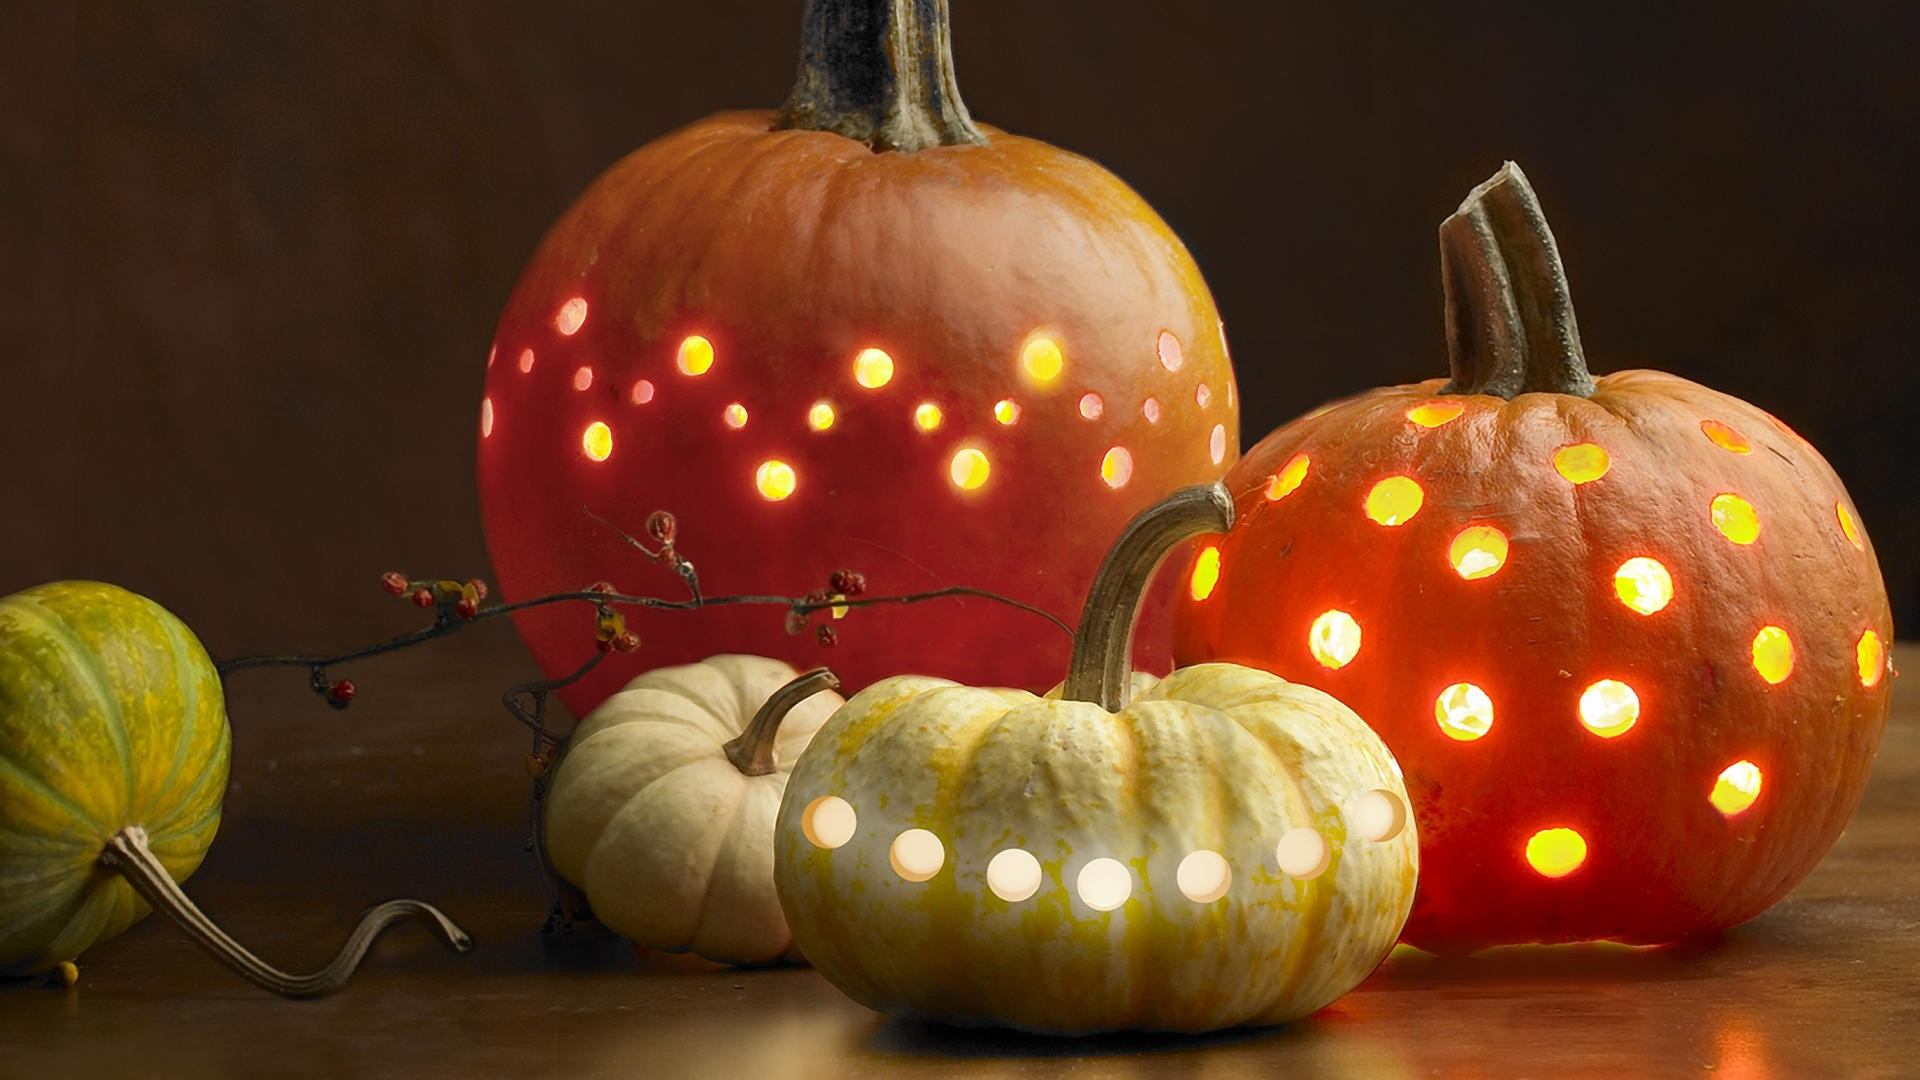 Pumpkin Lights Google Skins Pumpkin Lights Google Backgrounds 1920x1080